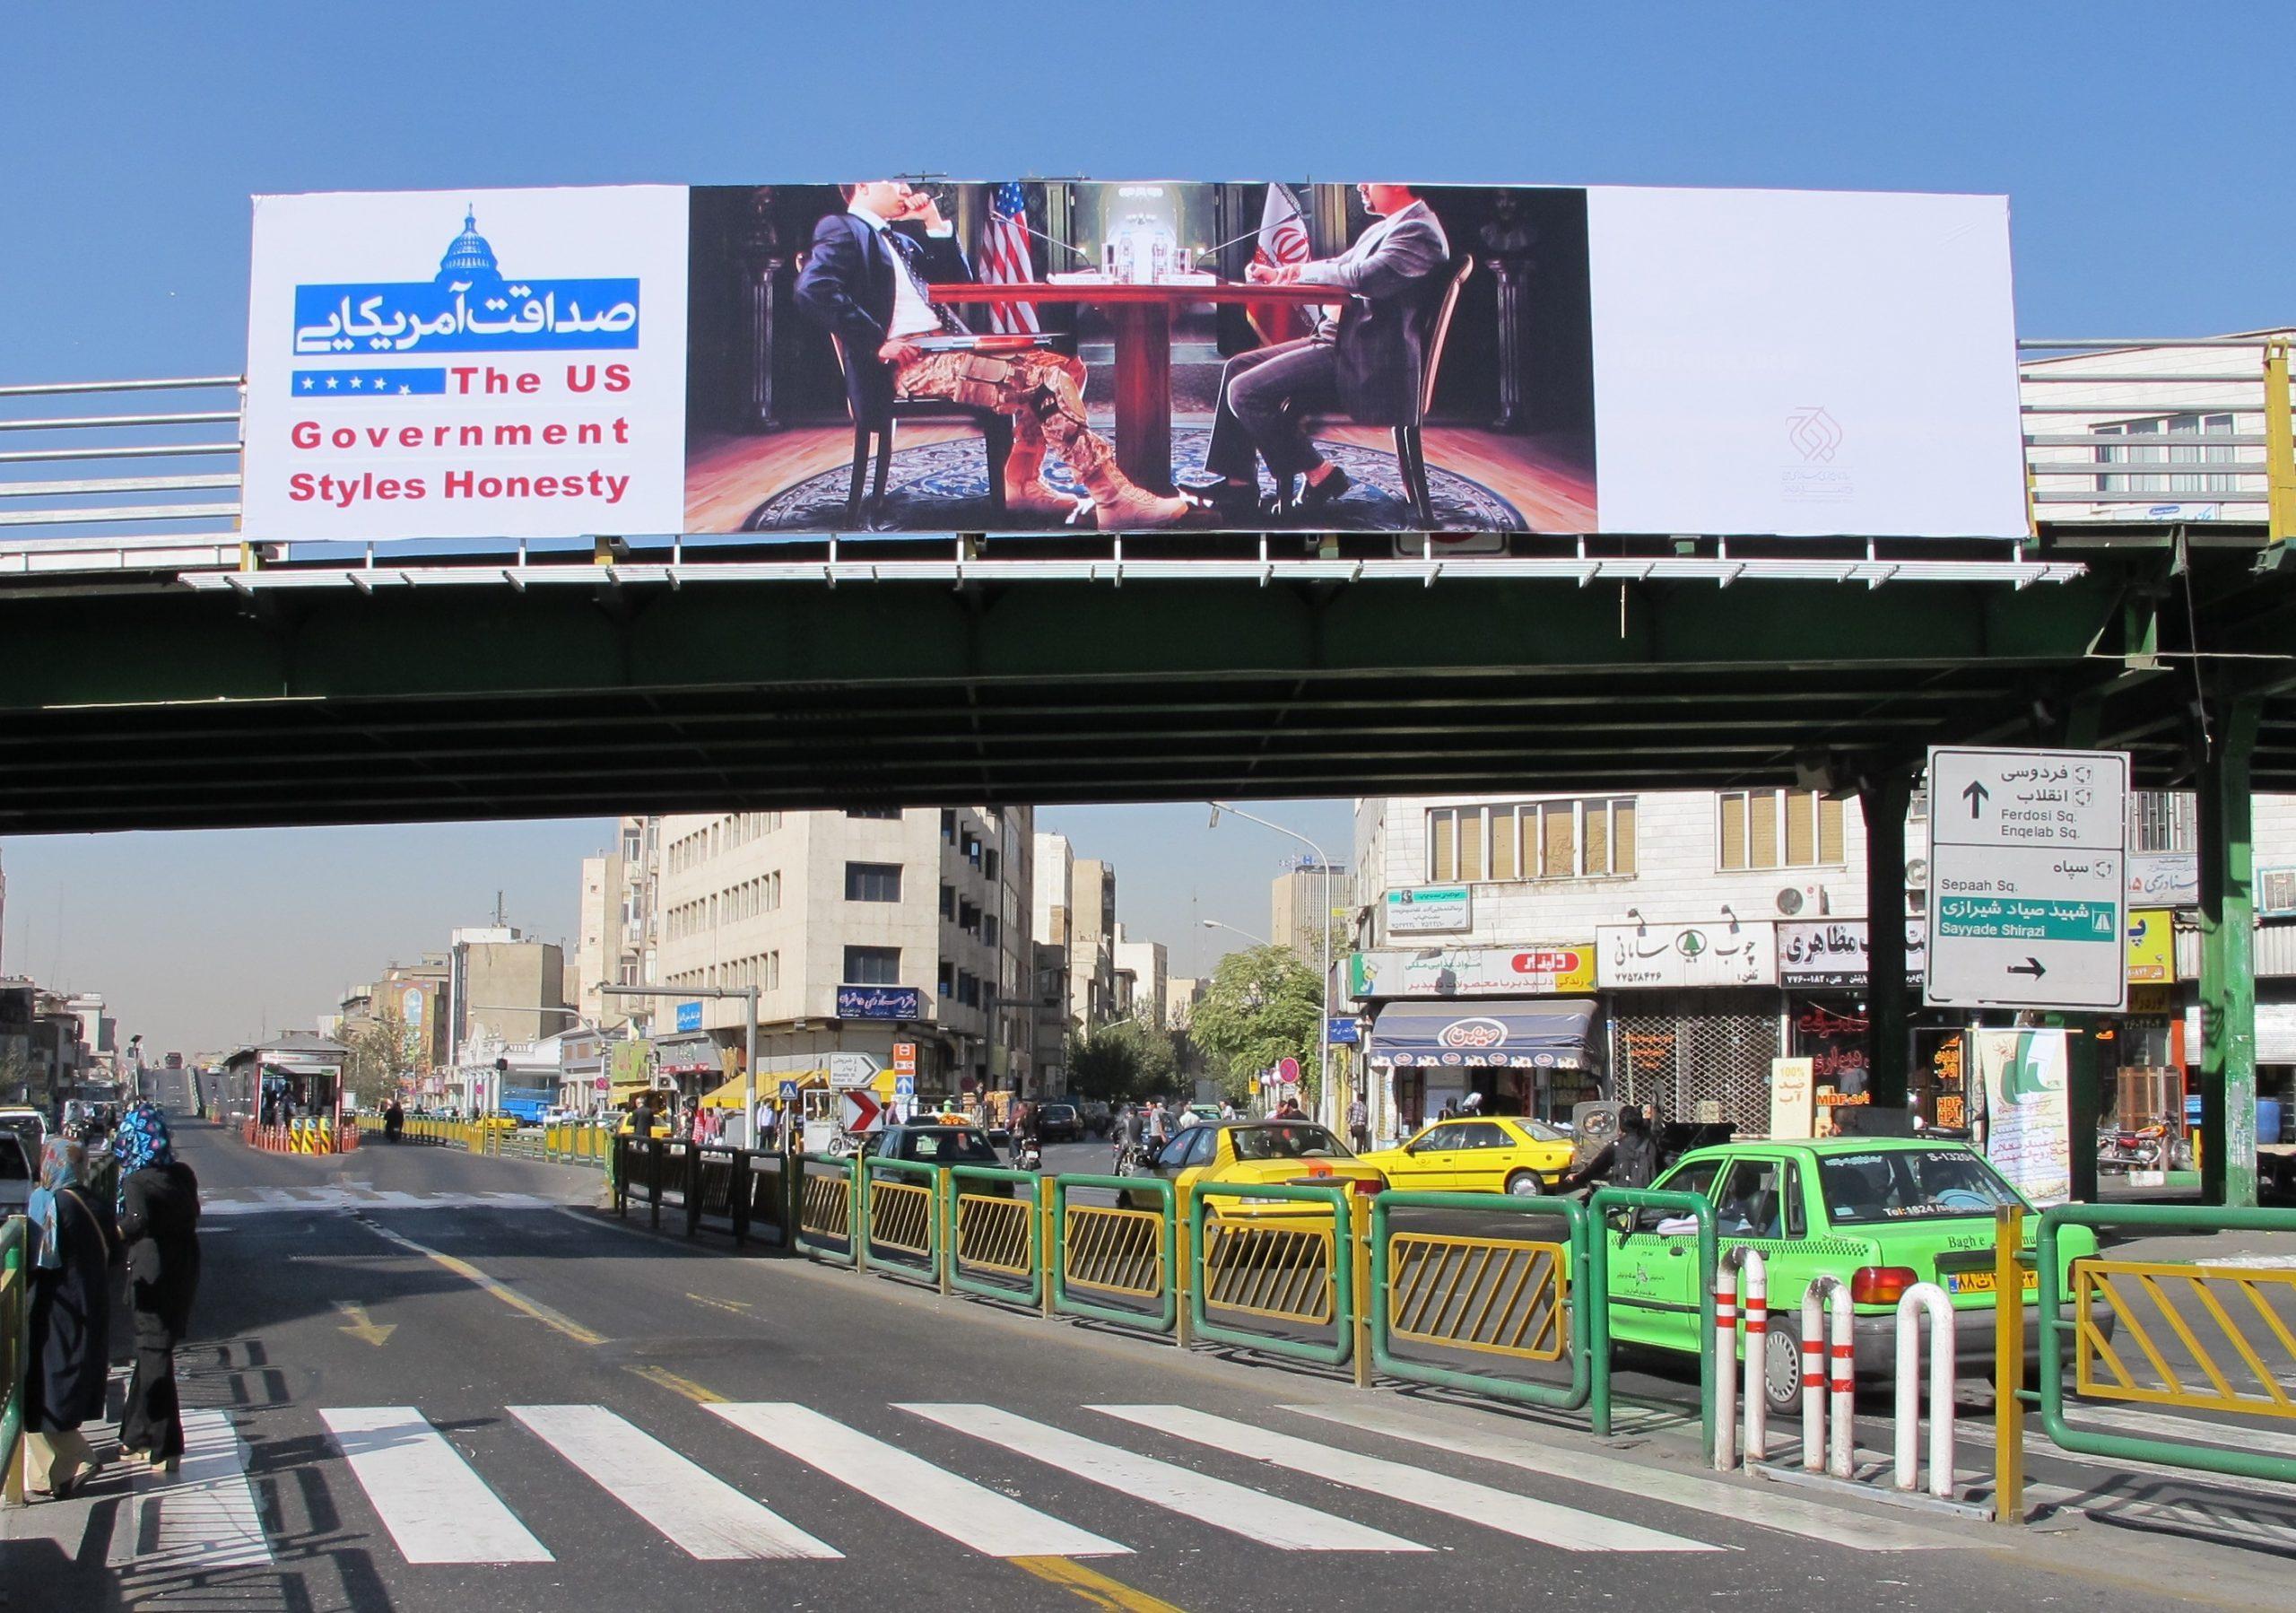 کمپین بیلبوردی در تهران برای نشاندادن آمریکا به عنوان «دشمن»